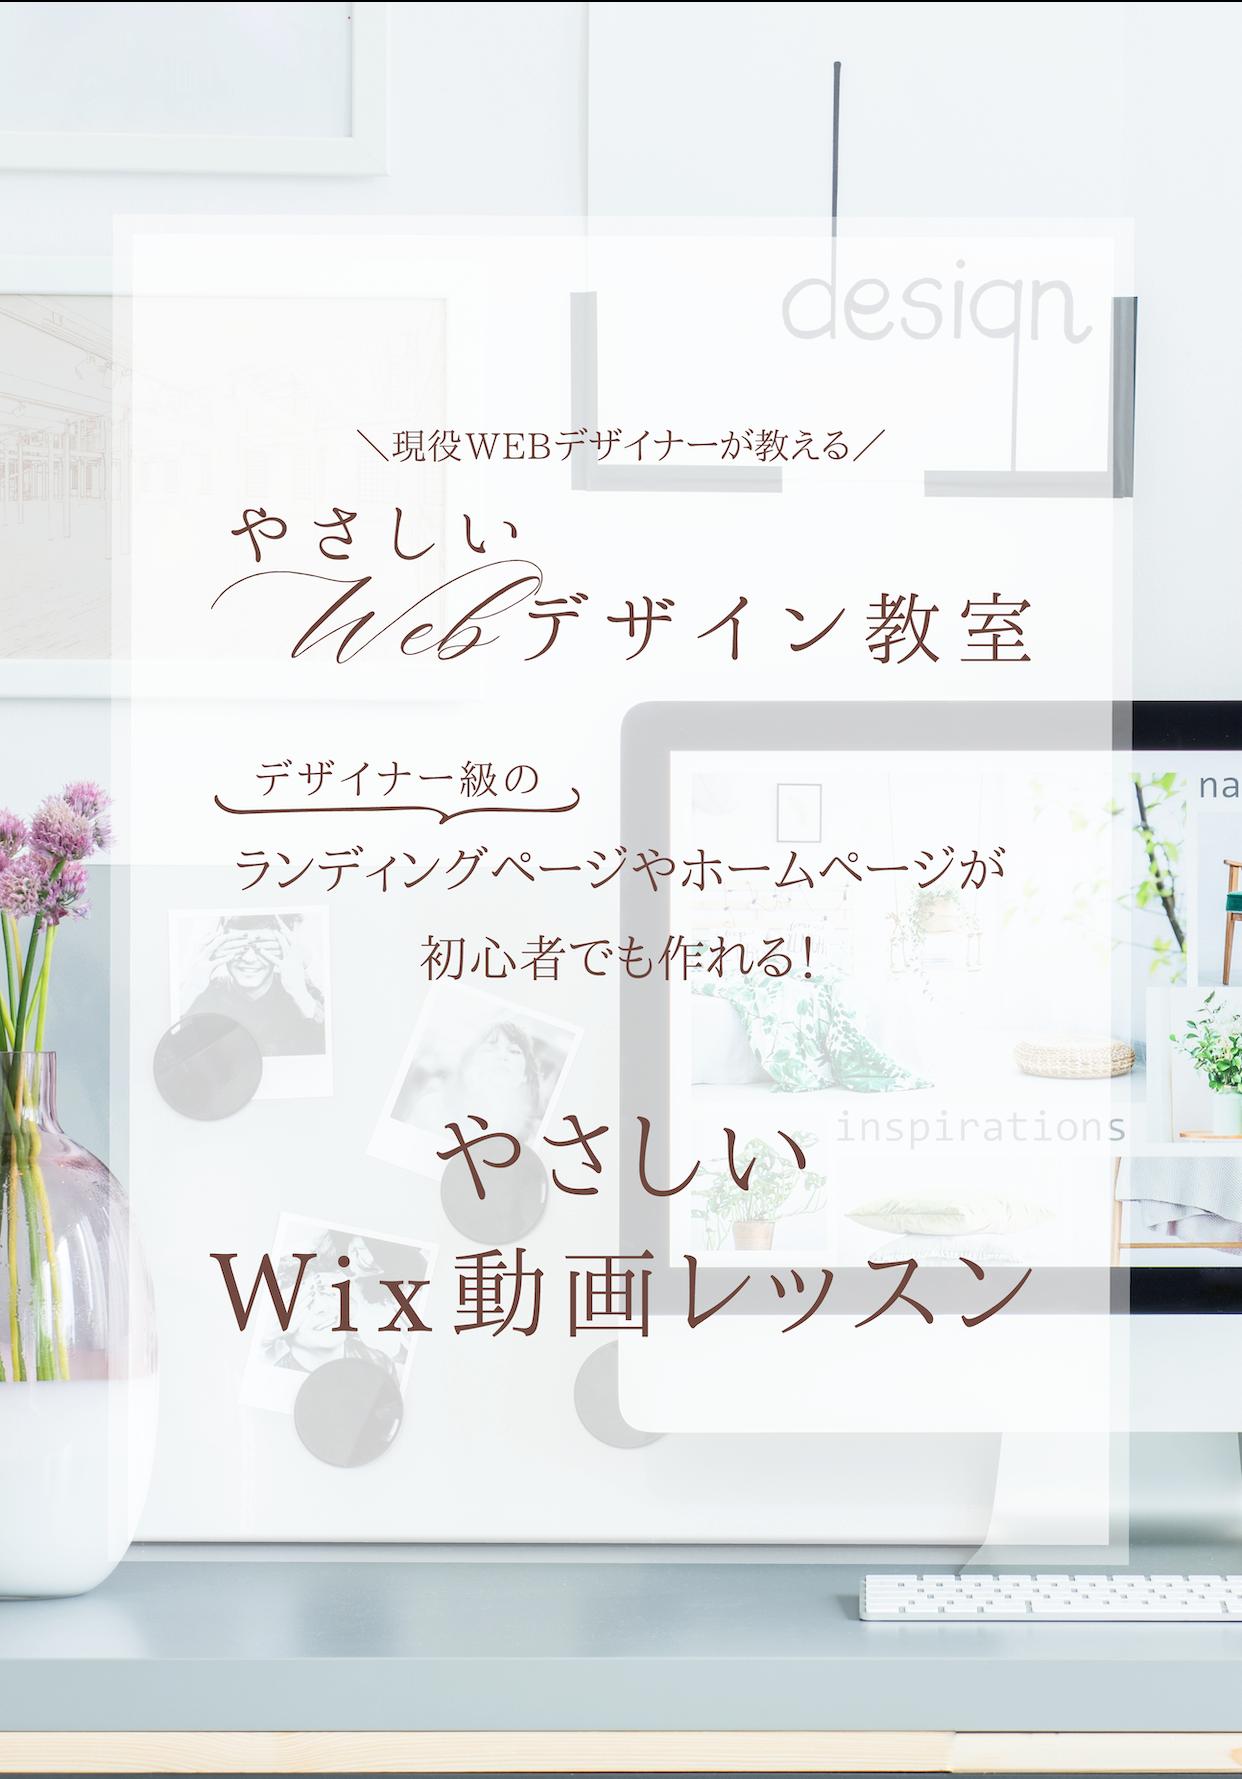 現役WEBデザイナーが教える!やさしいWEBデザイン教室 デザイナー級のホームページやランディングページが初心者でも作れる!Wix動画レッスン